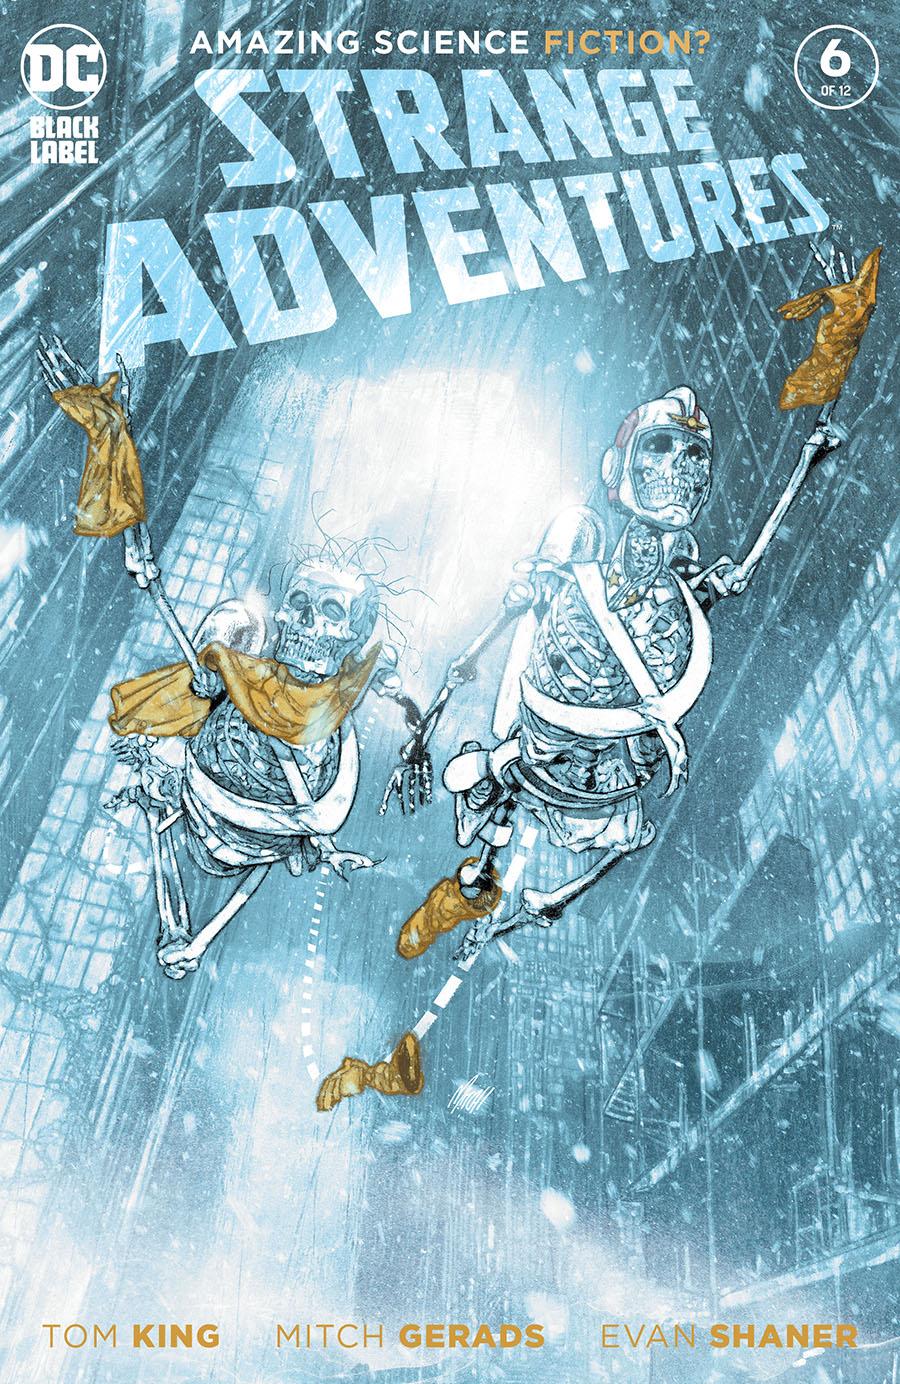 Strange Adventures Vol 4 #6 Cover A Regular Mitch Gerads Cover